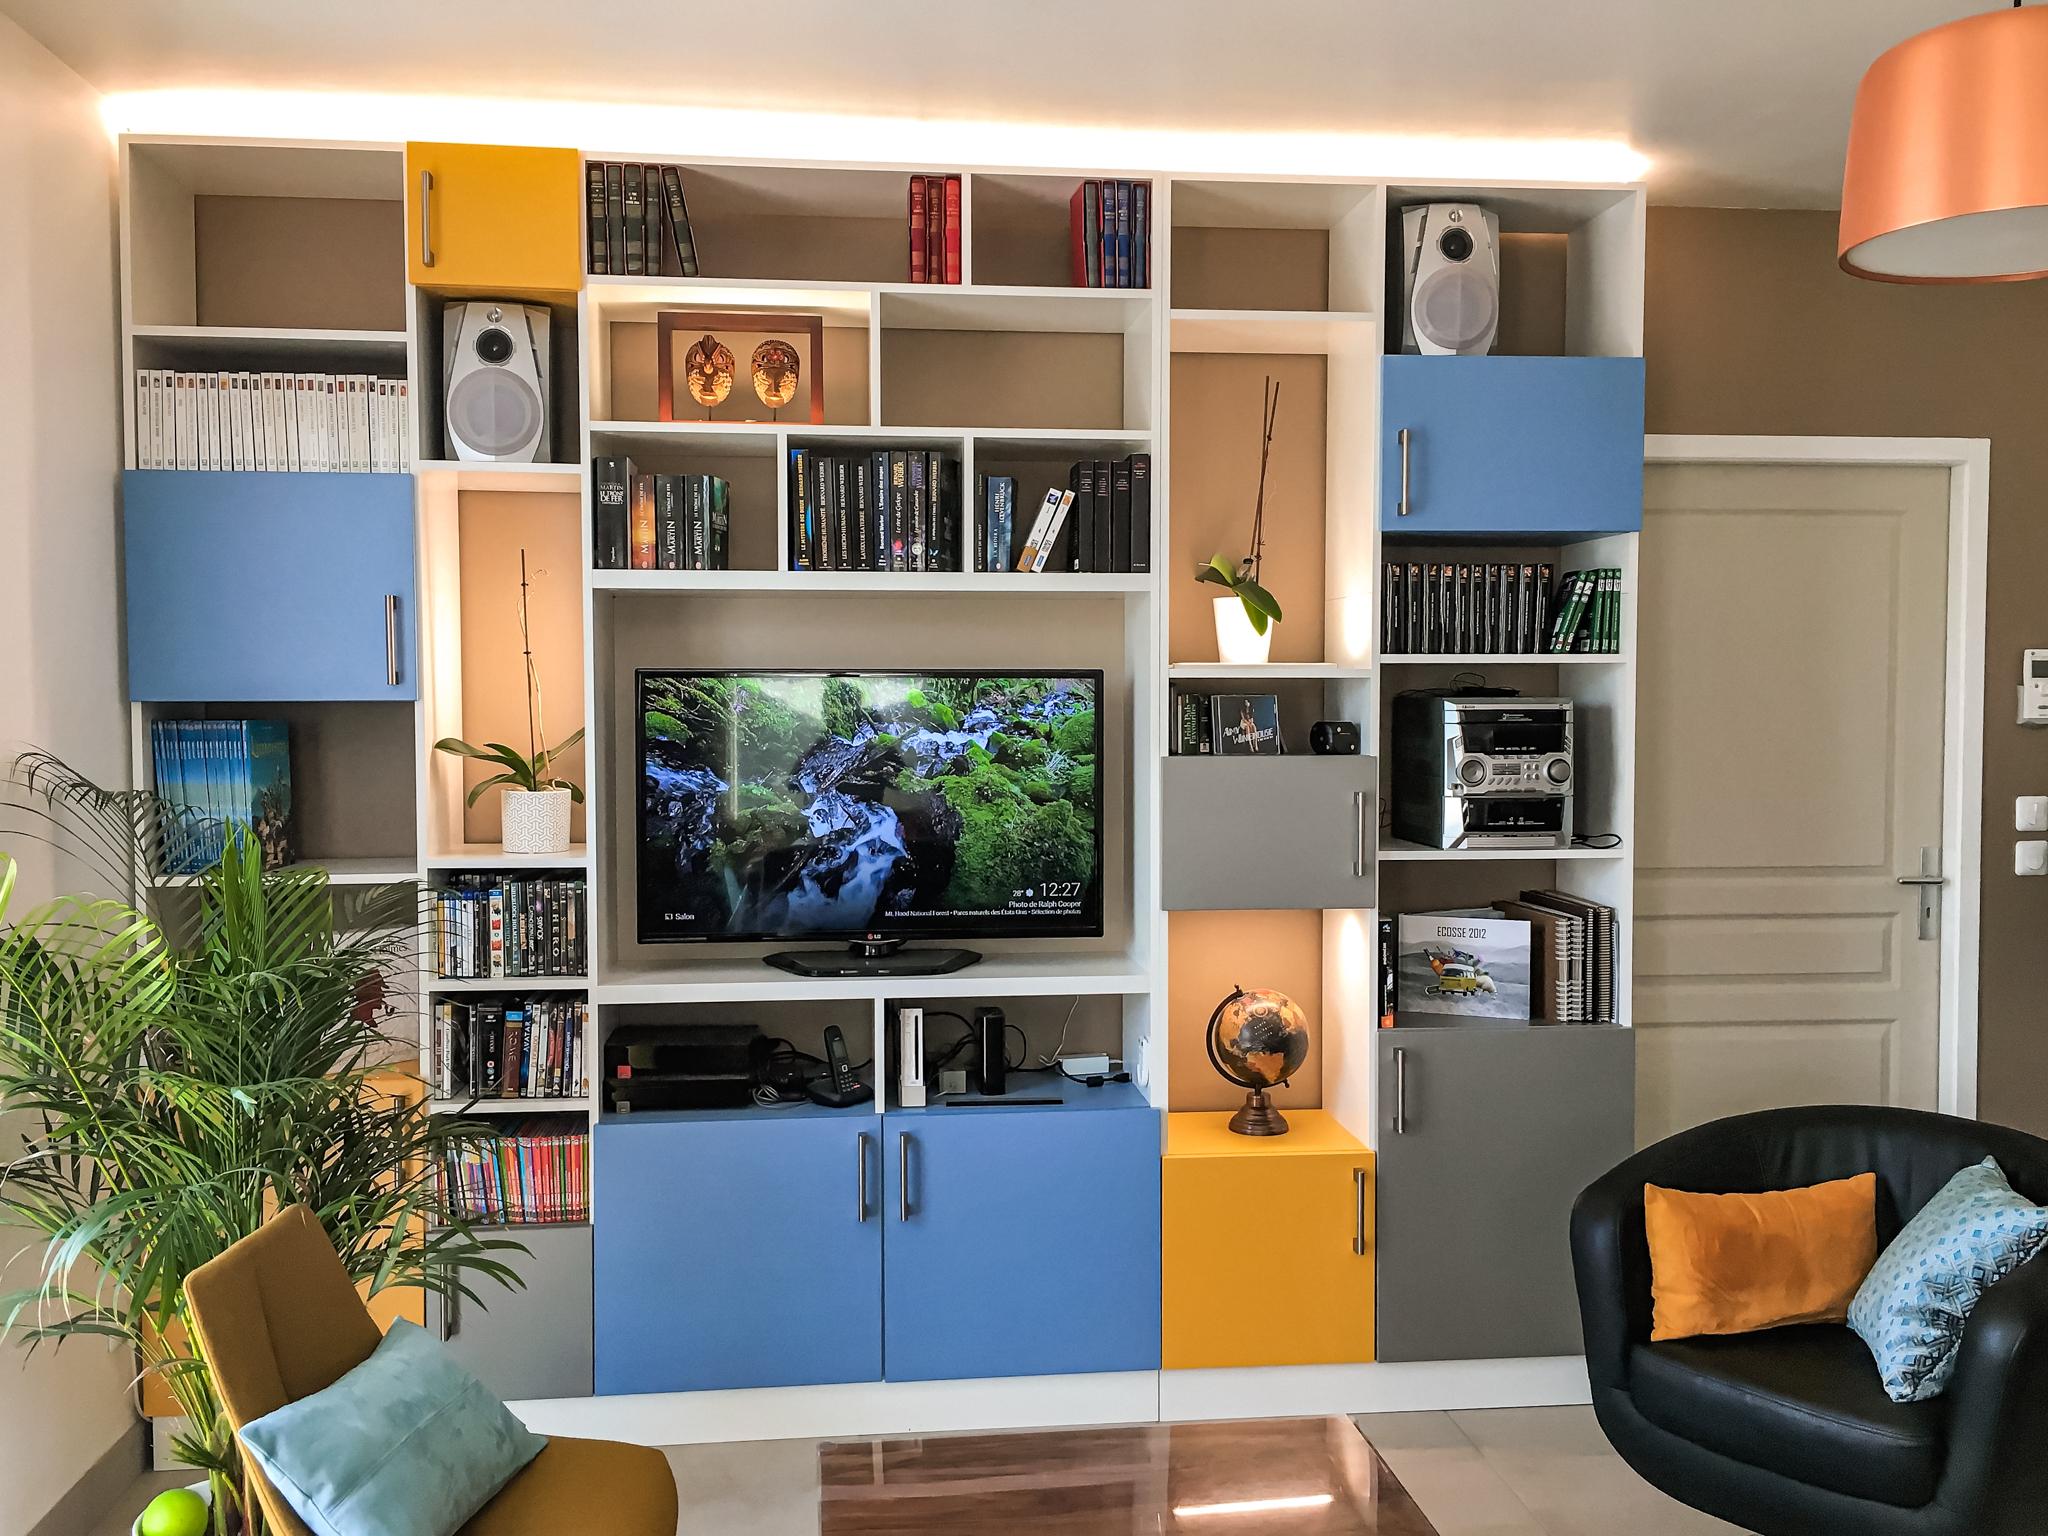 meuble tv bibliothèque blanc jaune et bleu